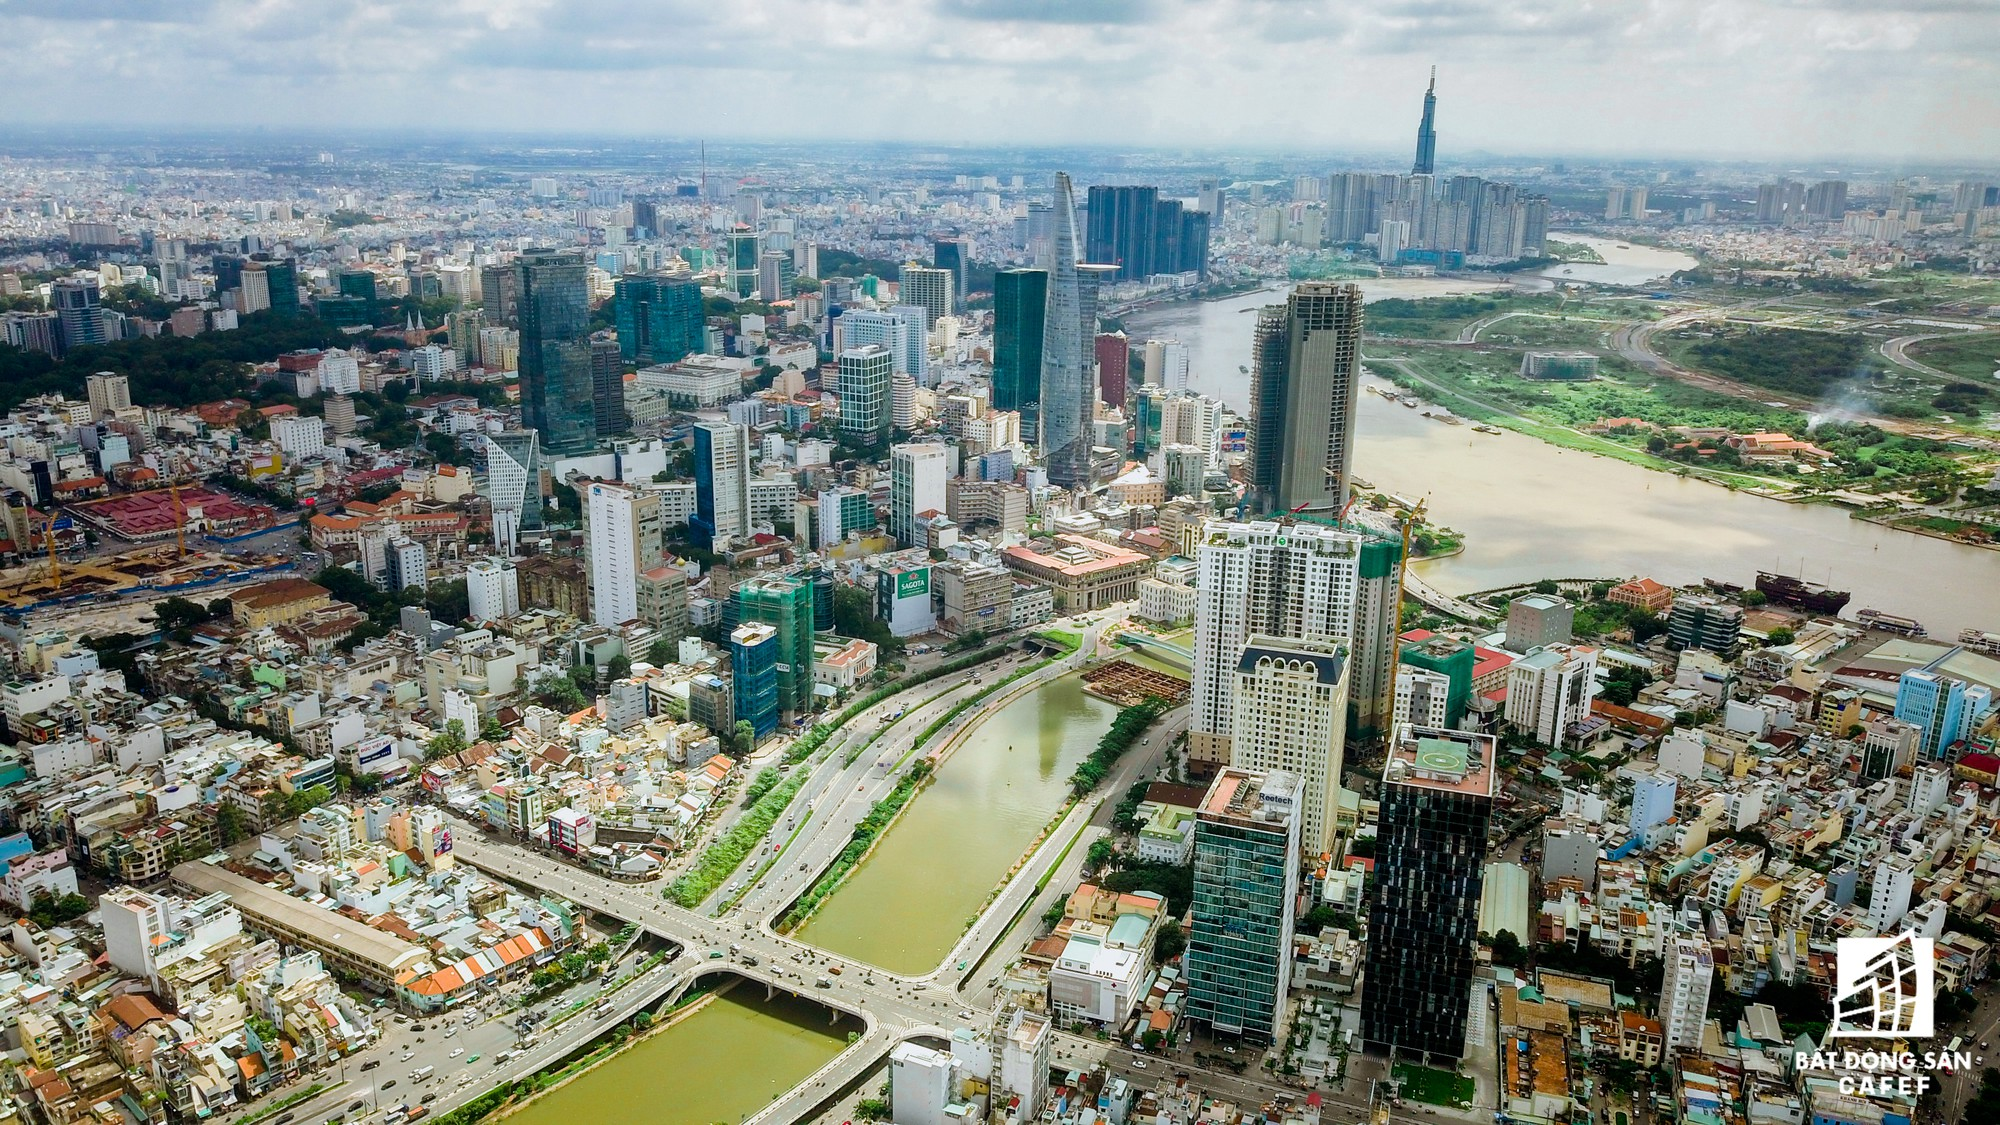 Khan hiếm nguồn cung, nhà đất Bến Vân Đồn Sài Gòn thiết lập mặt bằng giá mới - Ảnh 11.